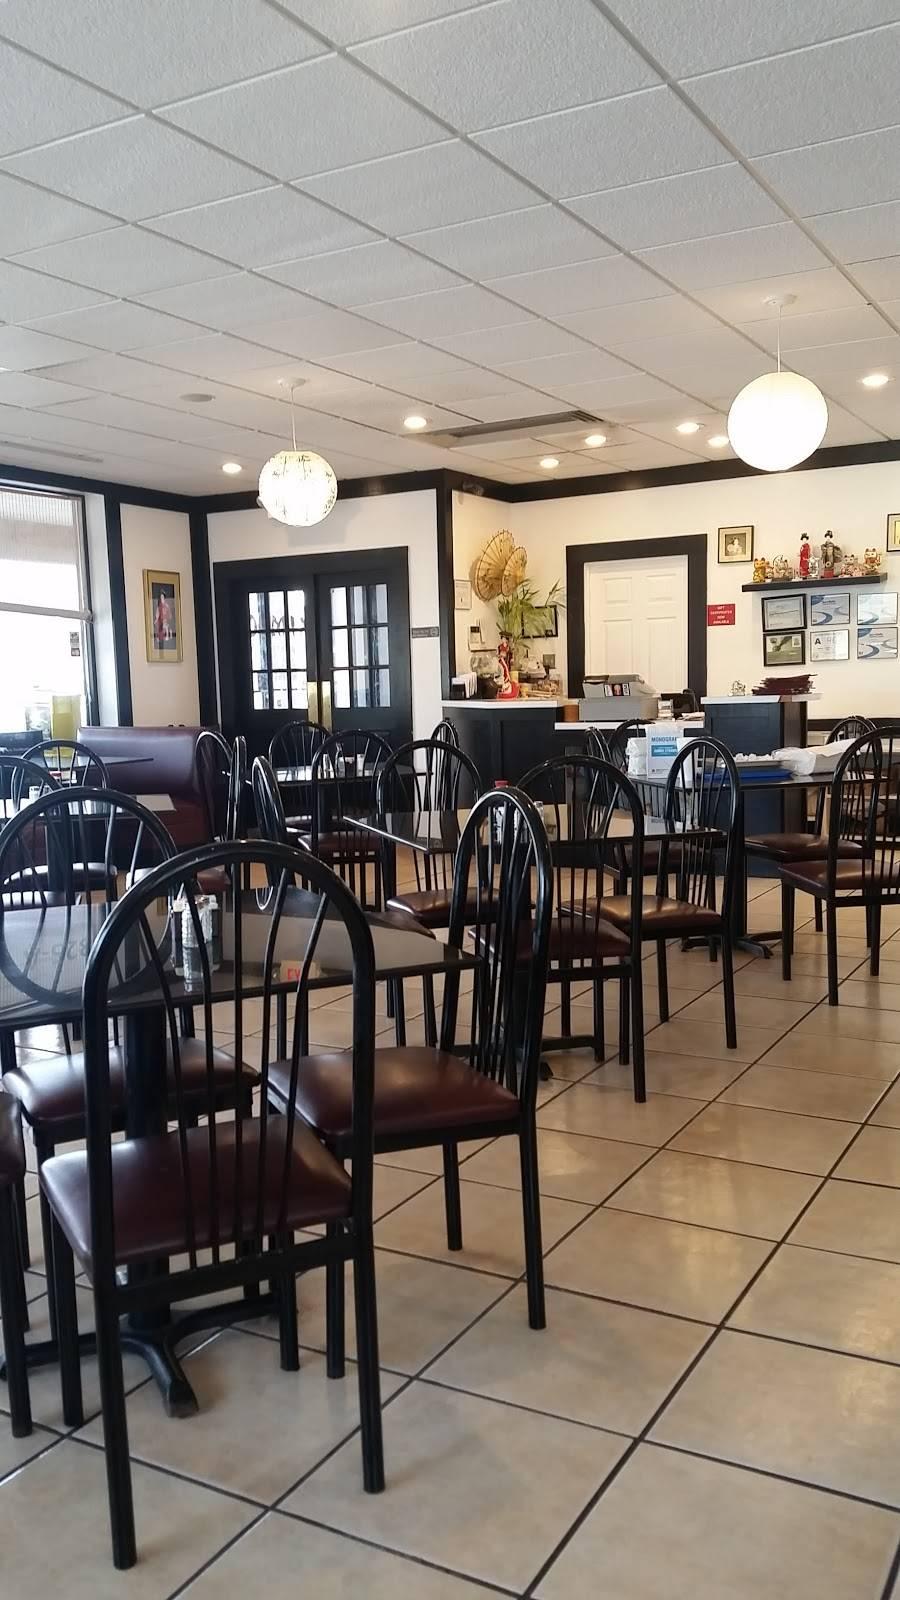 Kimono - Restaurant | 825 S Main St, Kernersville, NC 27284, USA